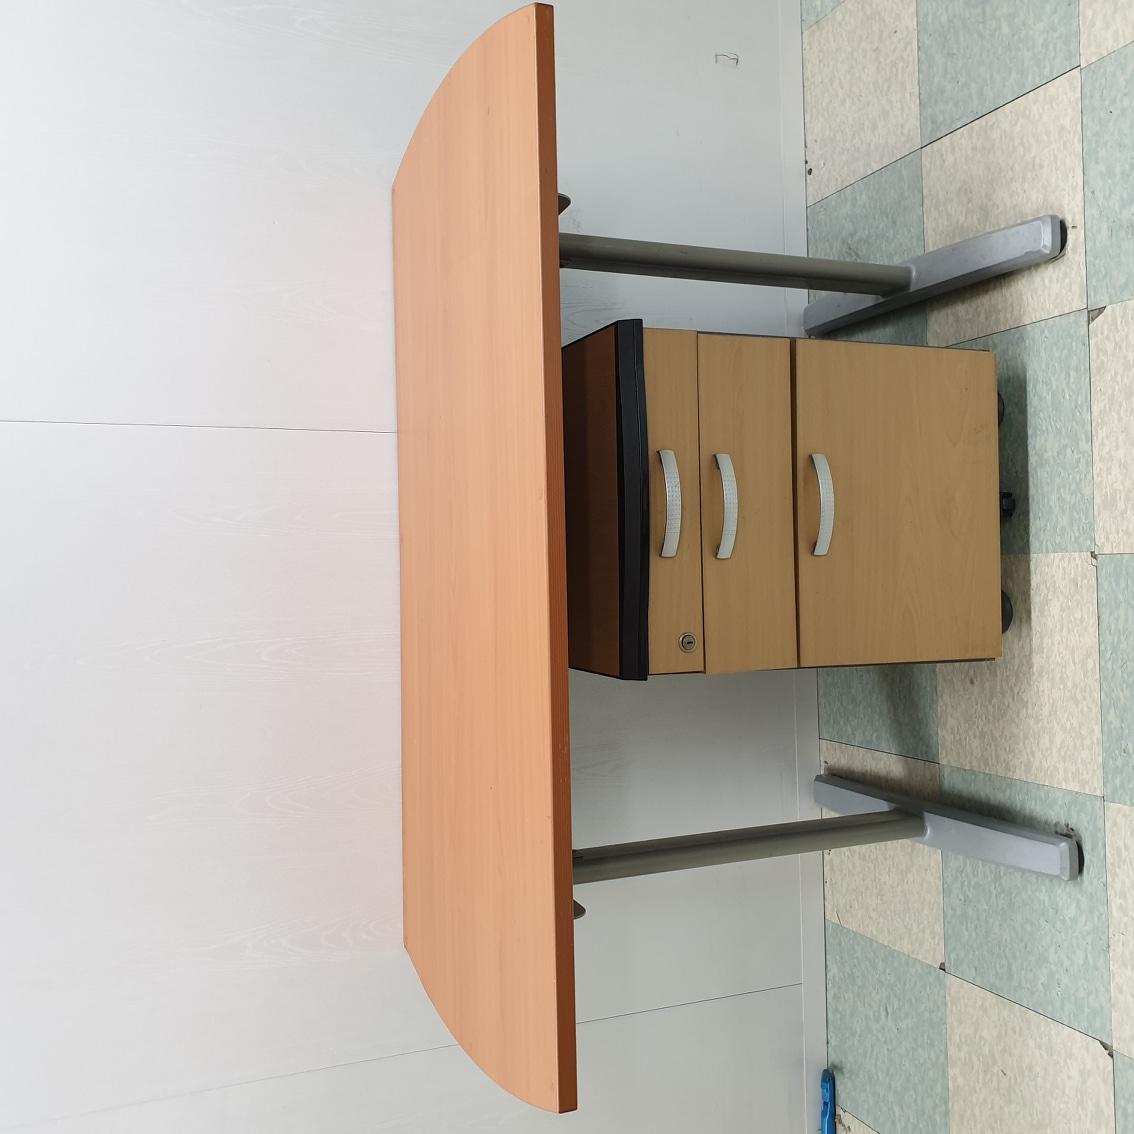 사무실 책상 튼튼한거 두개랑 의자3개 보조테이블하나